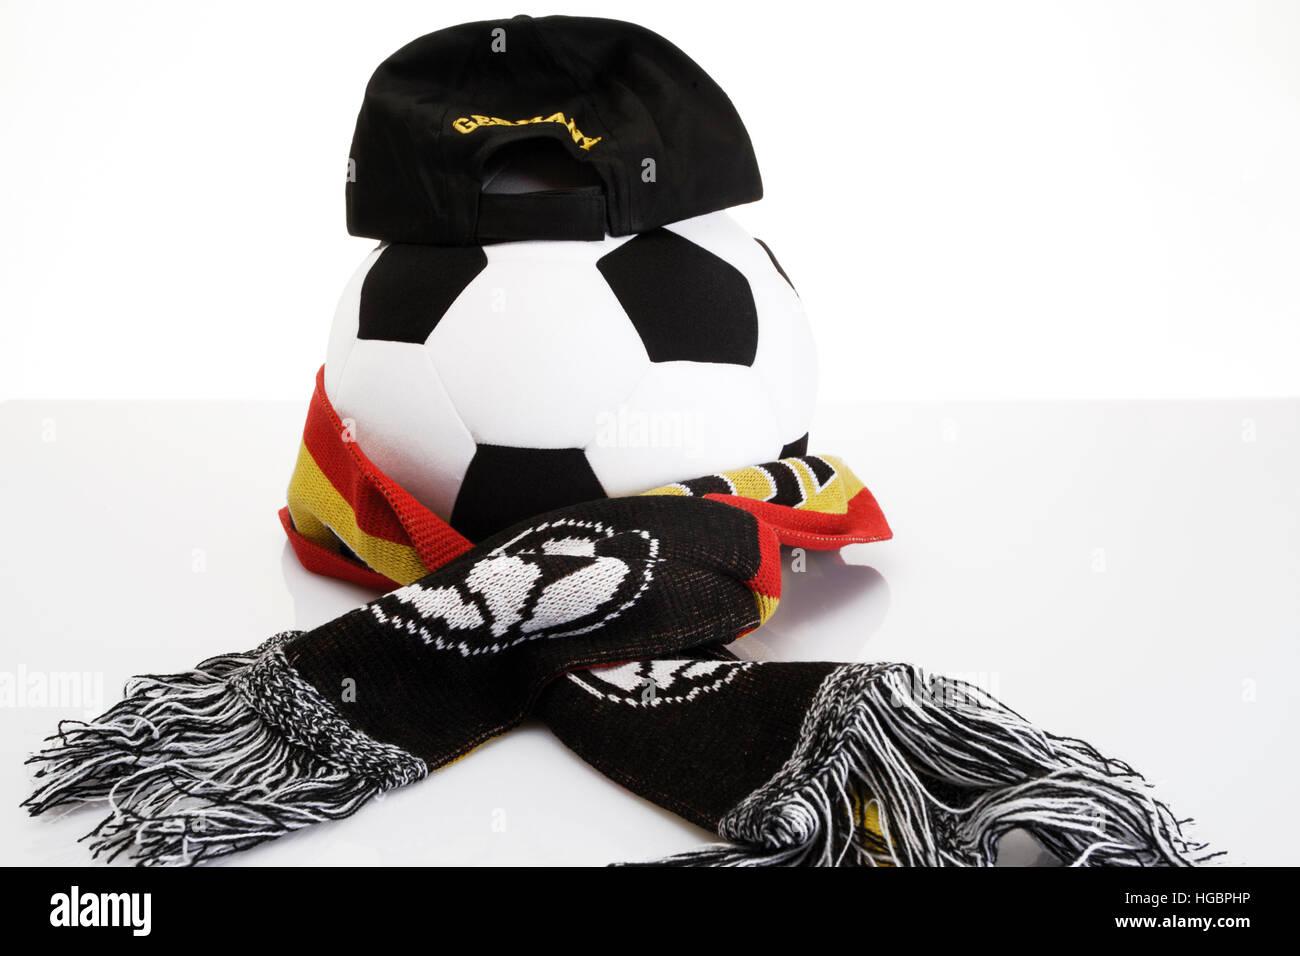 Football, fan merchandise Stock Photo